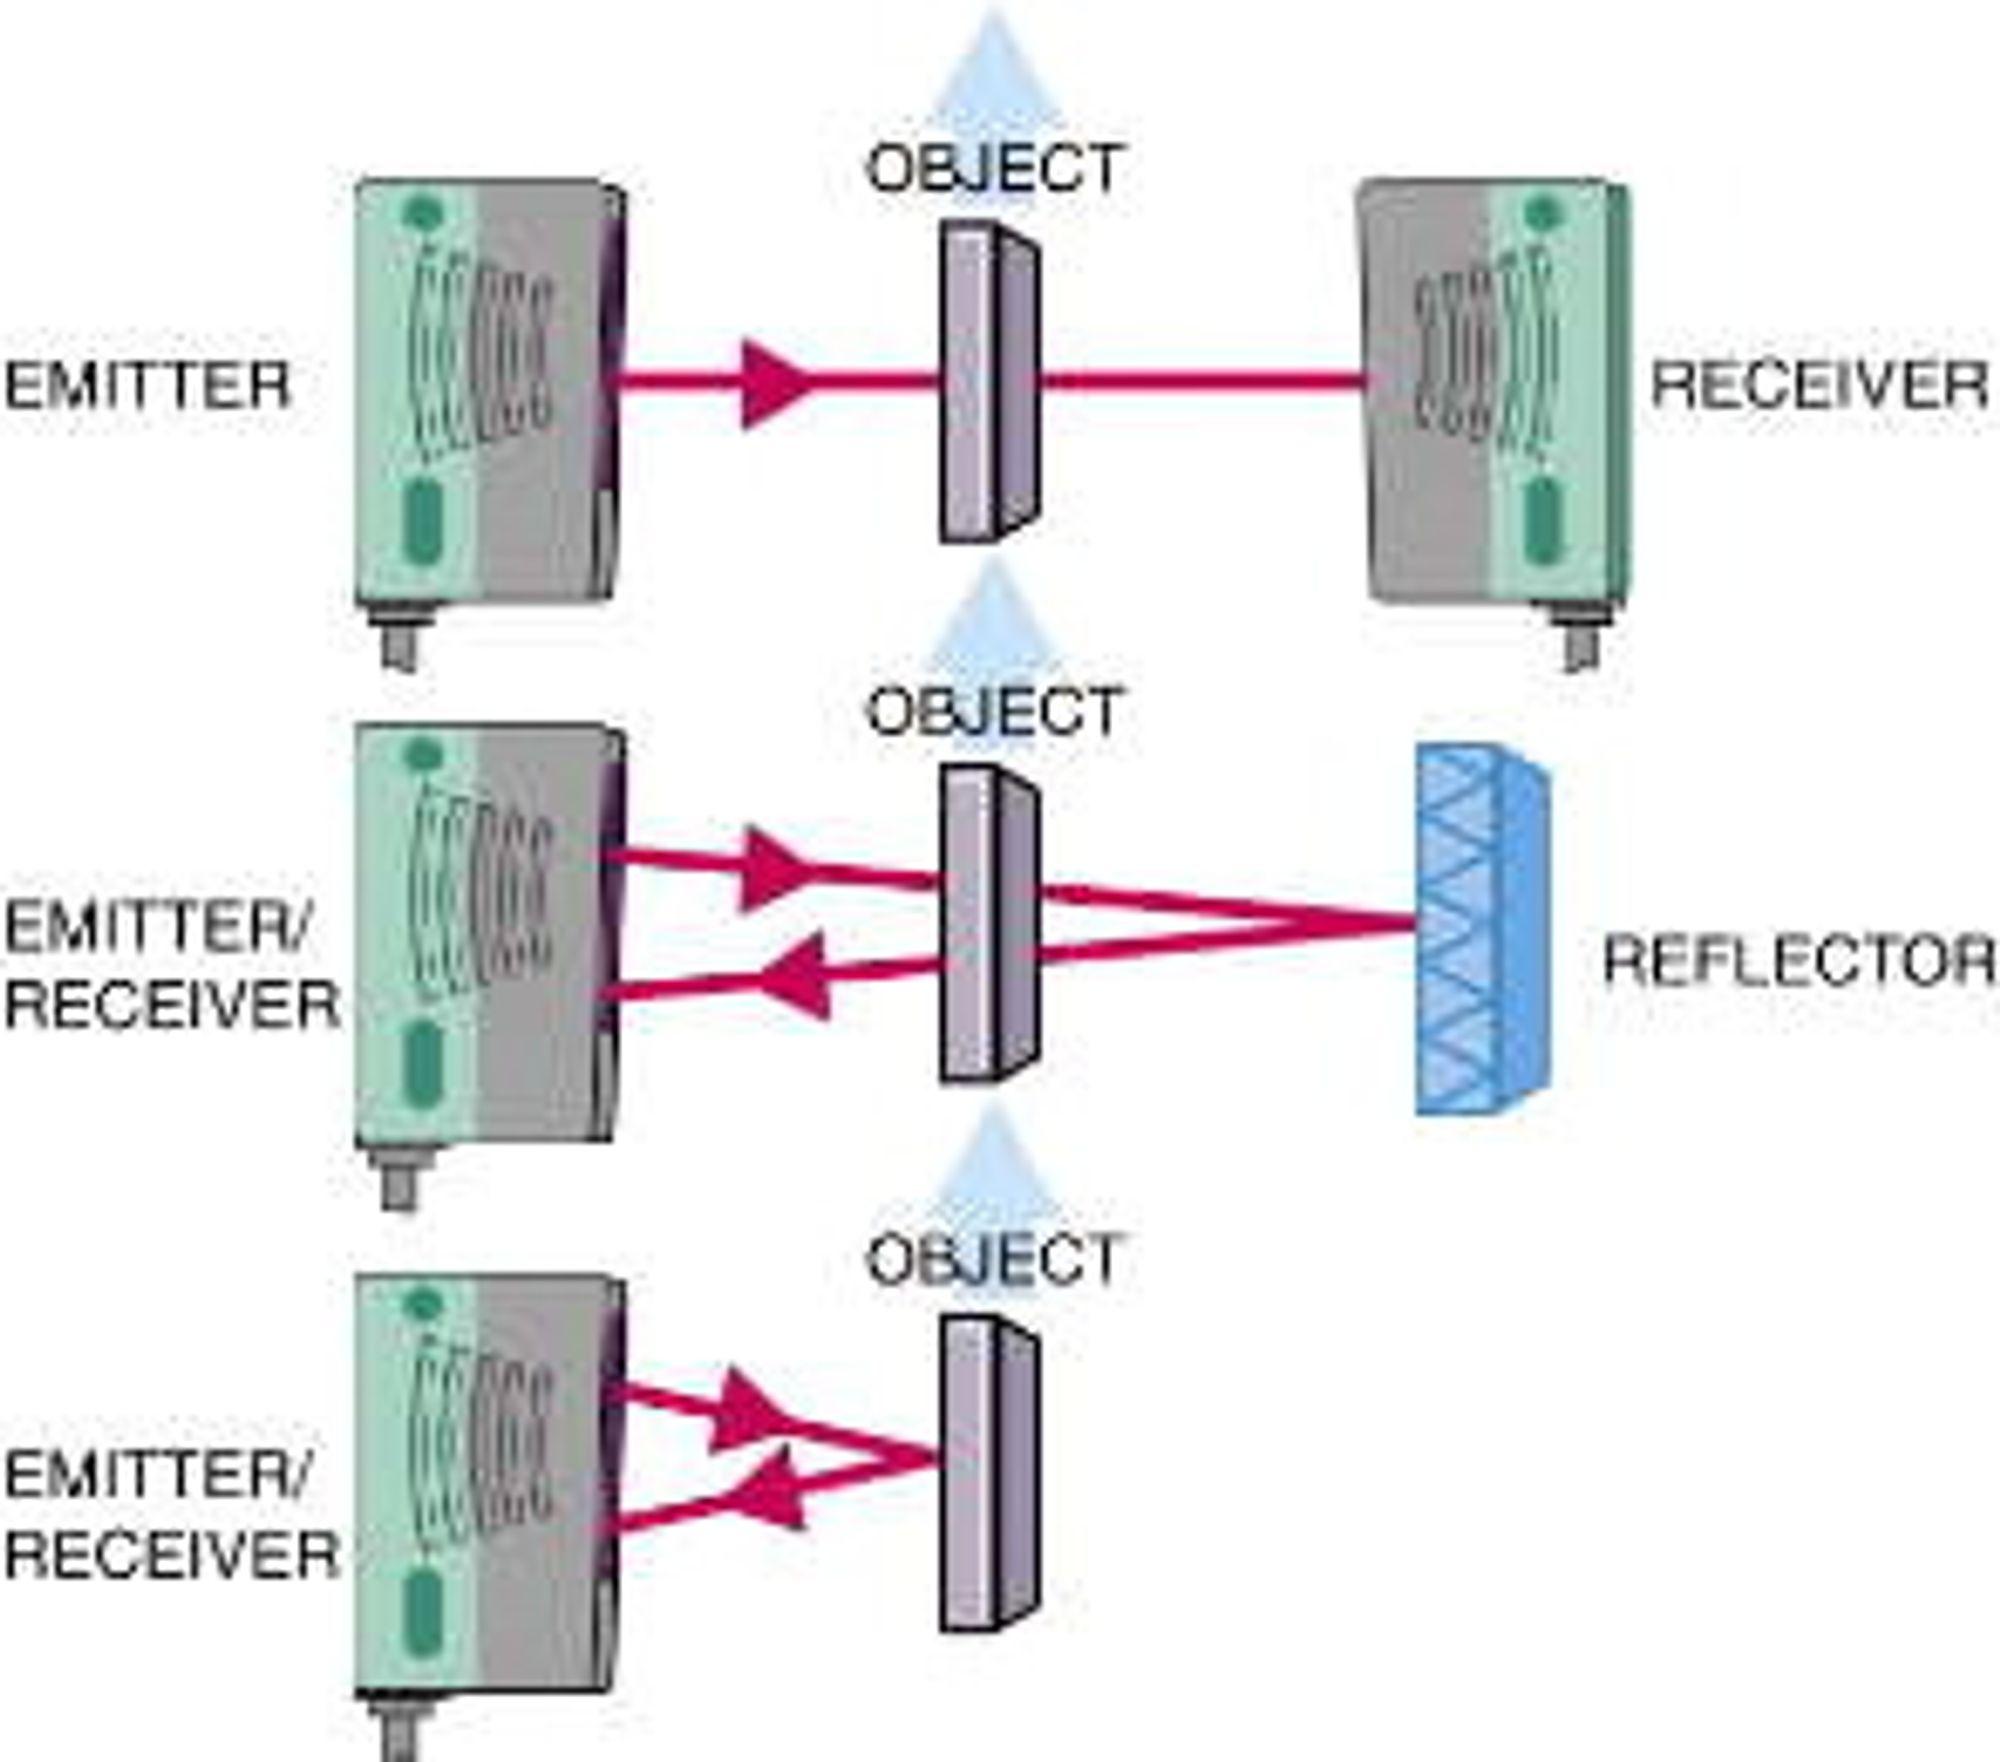 Det er 3 hovedtyper fotoceller, separat sender/ mottager (topp), kombinert sender/mottager med reflektor (midten) og kombinert sender/mottager som bruker objektet for refleksjon (nederst).